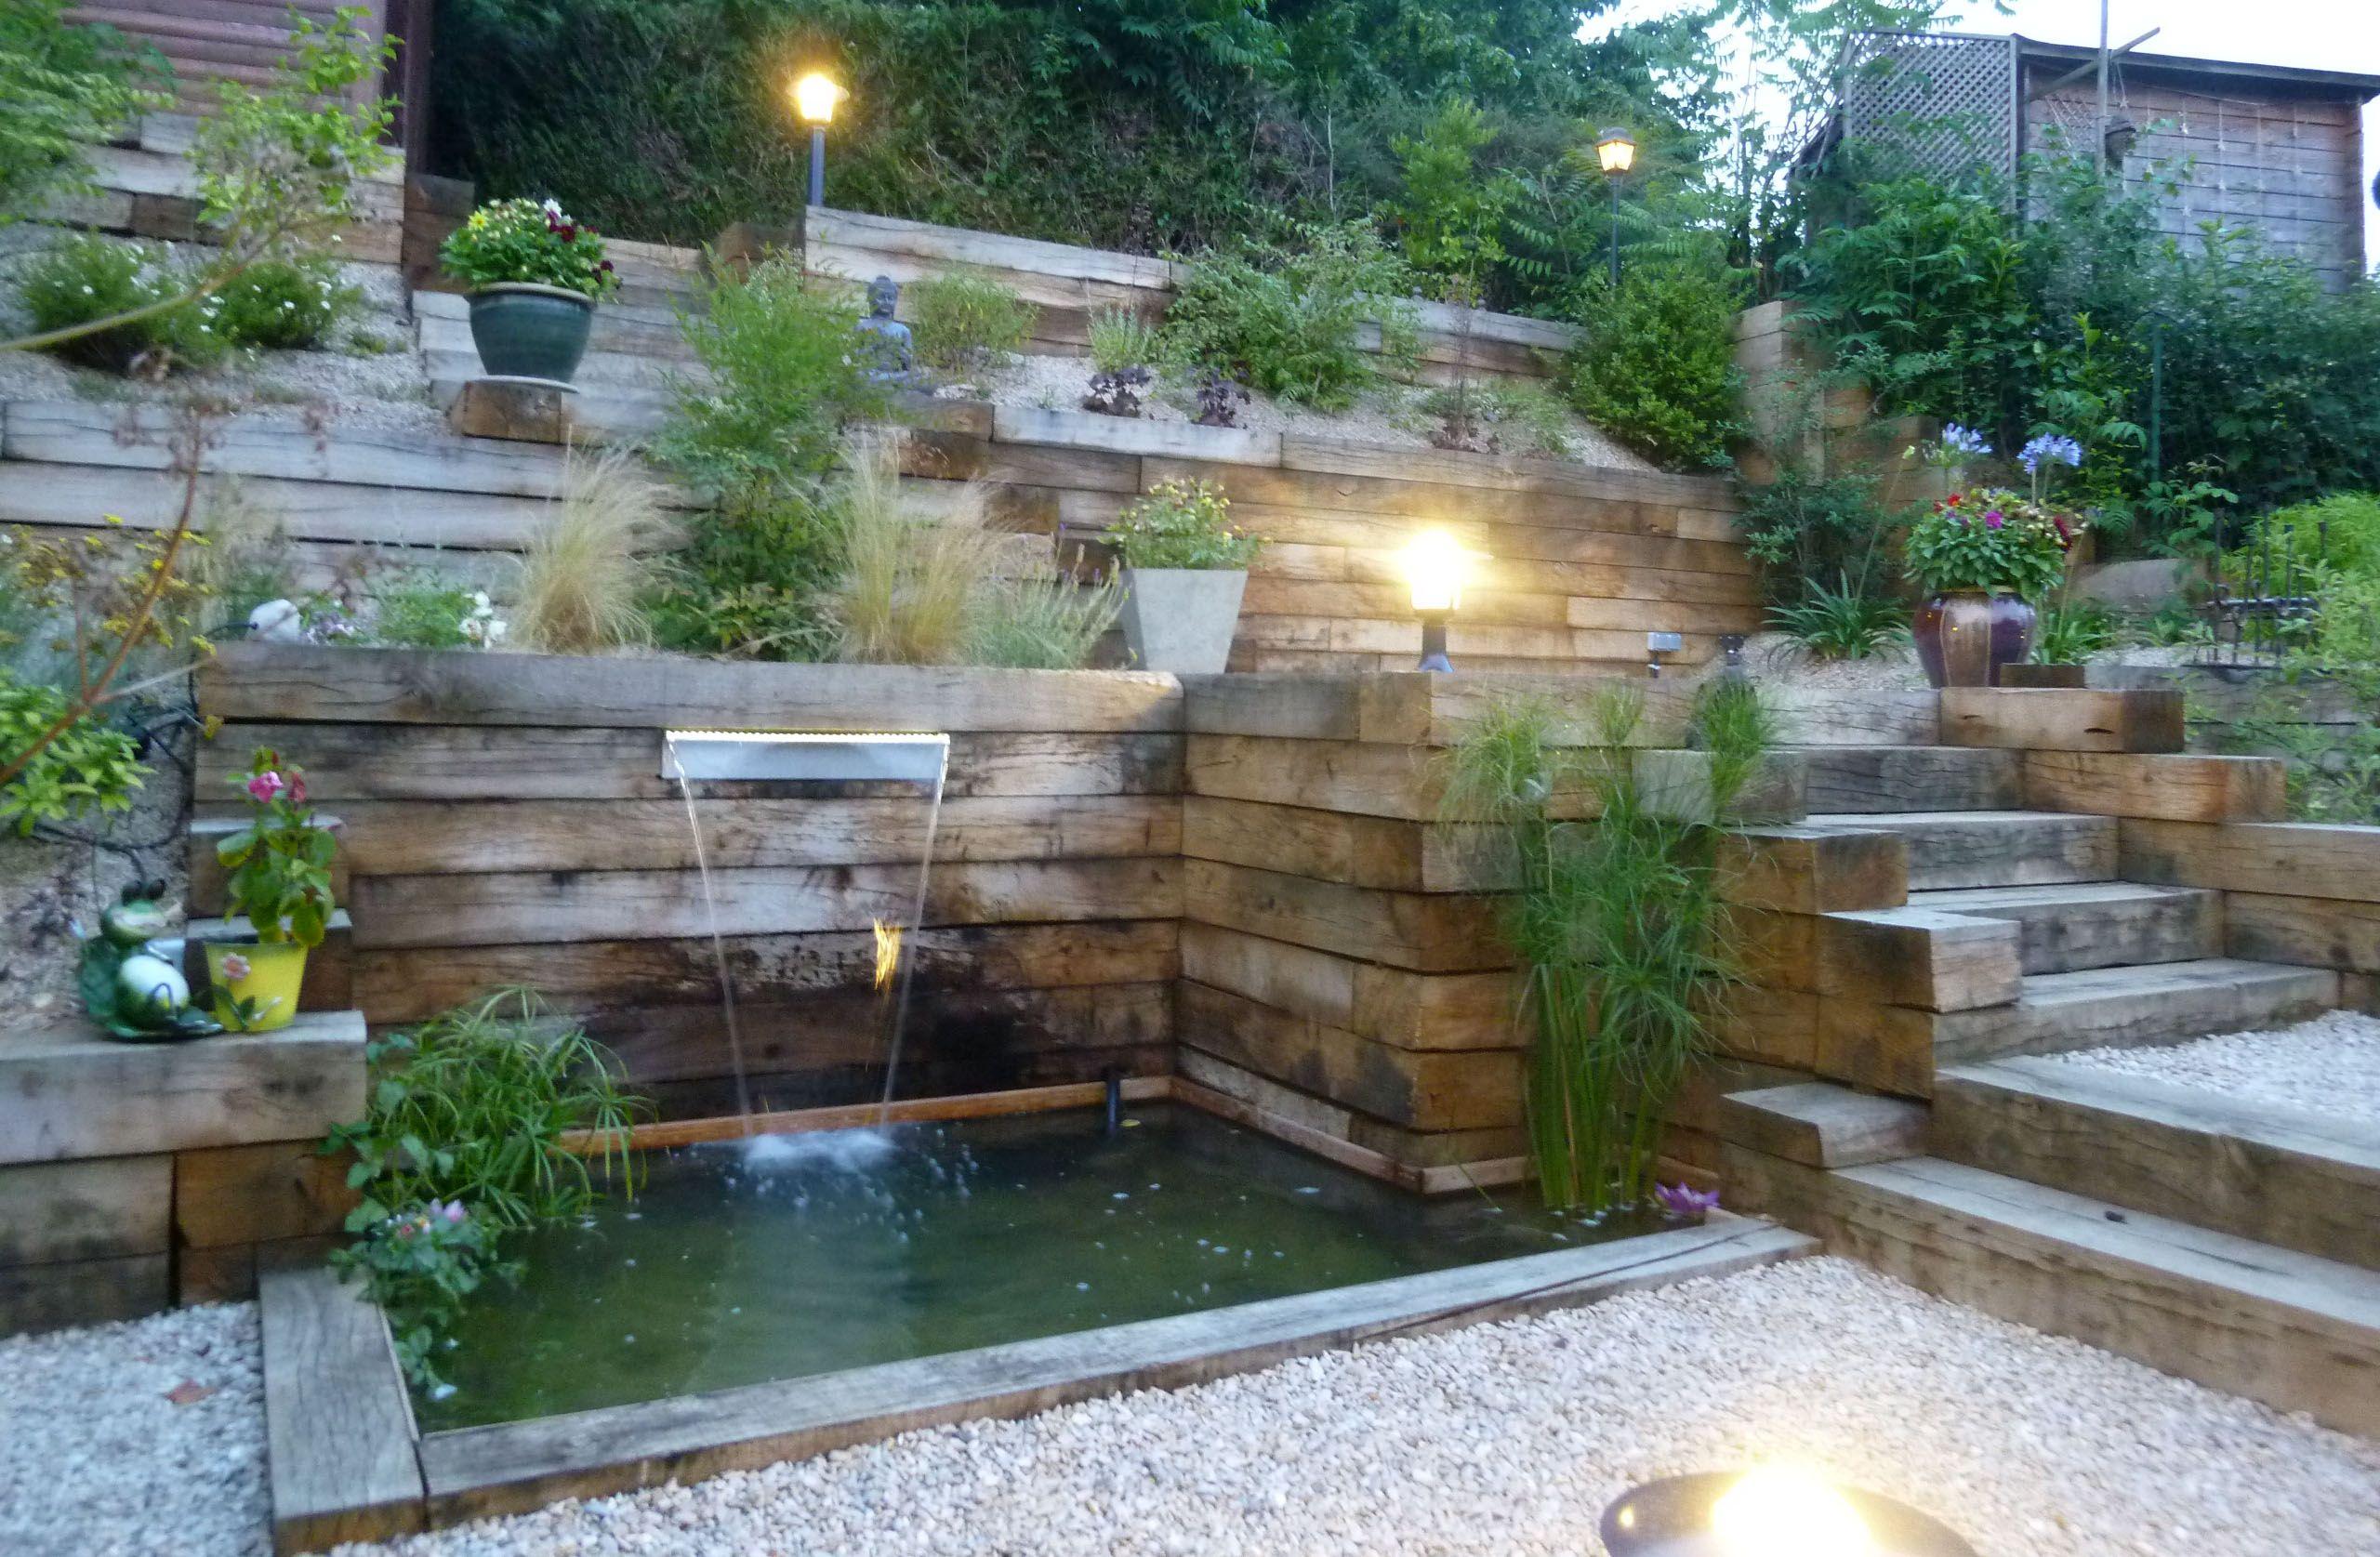 Jardin en pente zen moyens d apprivoiser un jardin en for Jardinier conseil